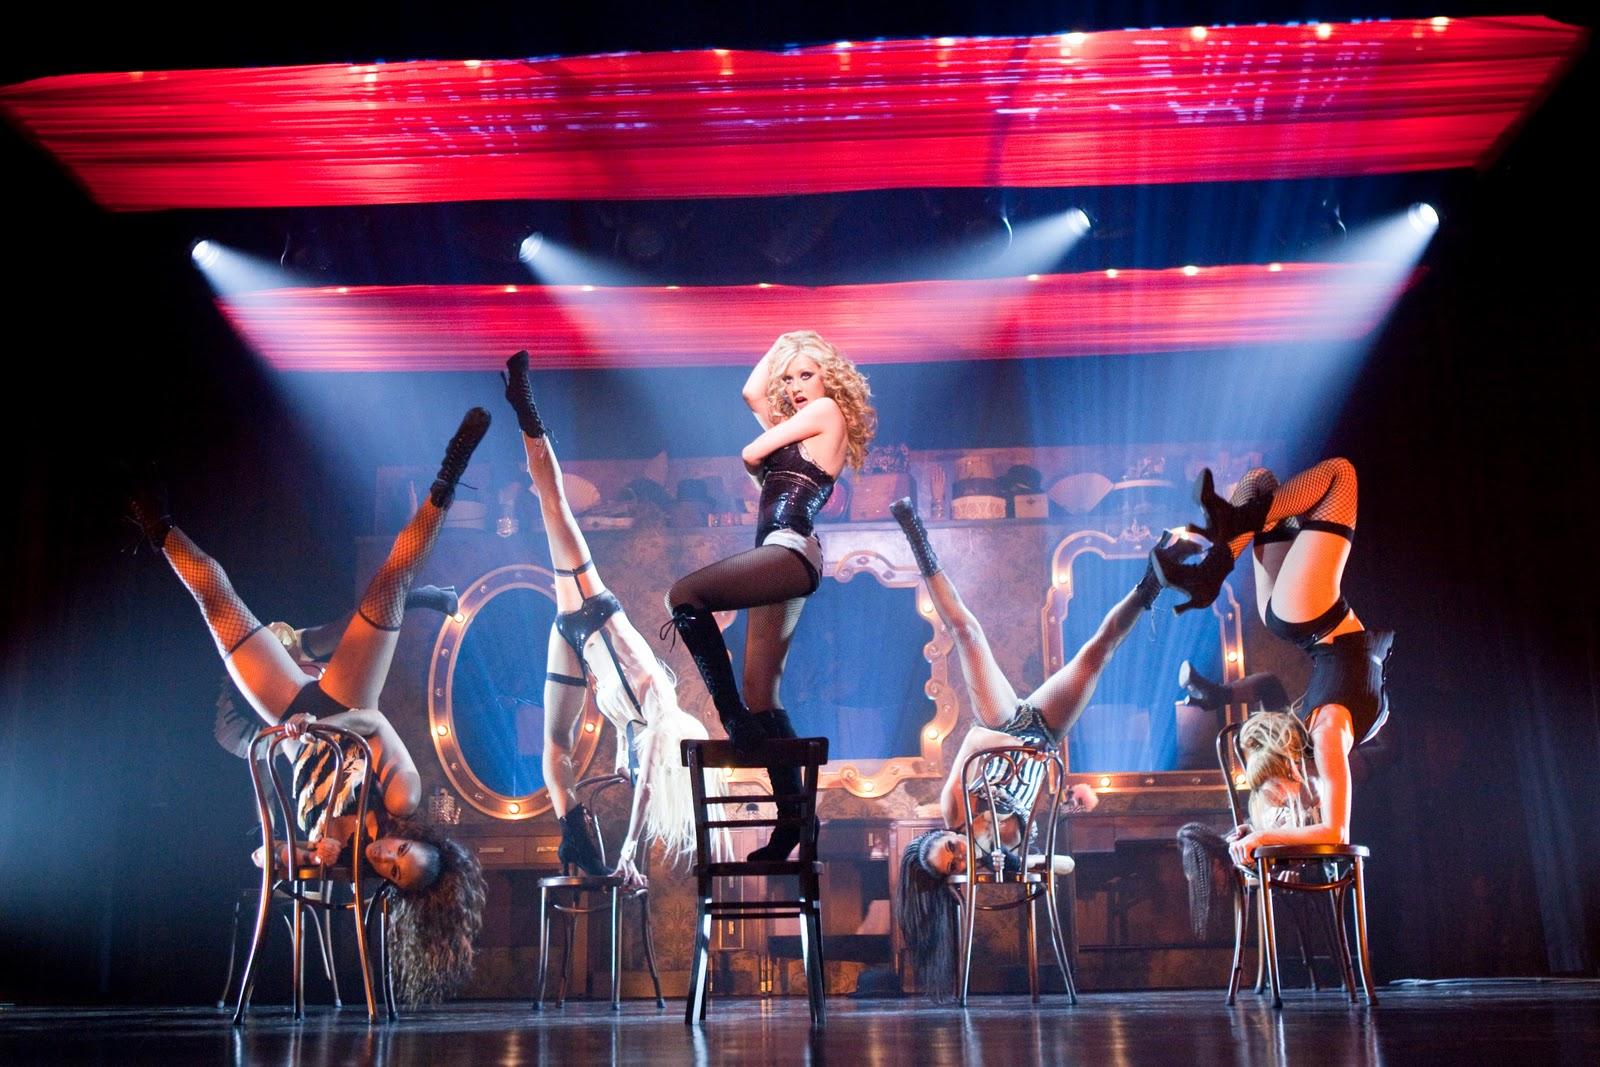 http://1.bp.blogspot.com/_1dJcarz98rU/TK8uZZOpWlI/AAAAAAAAEjA/Cie1JEDjvVQ/s1600/burlesquecelebutopia2.jpg